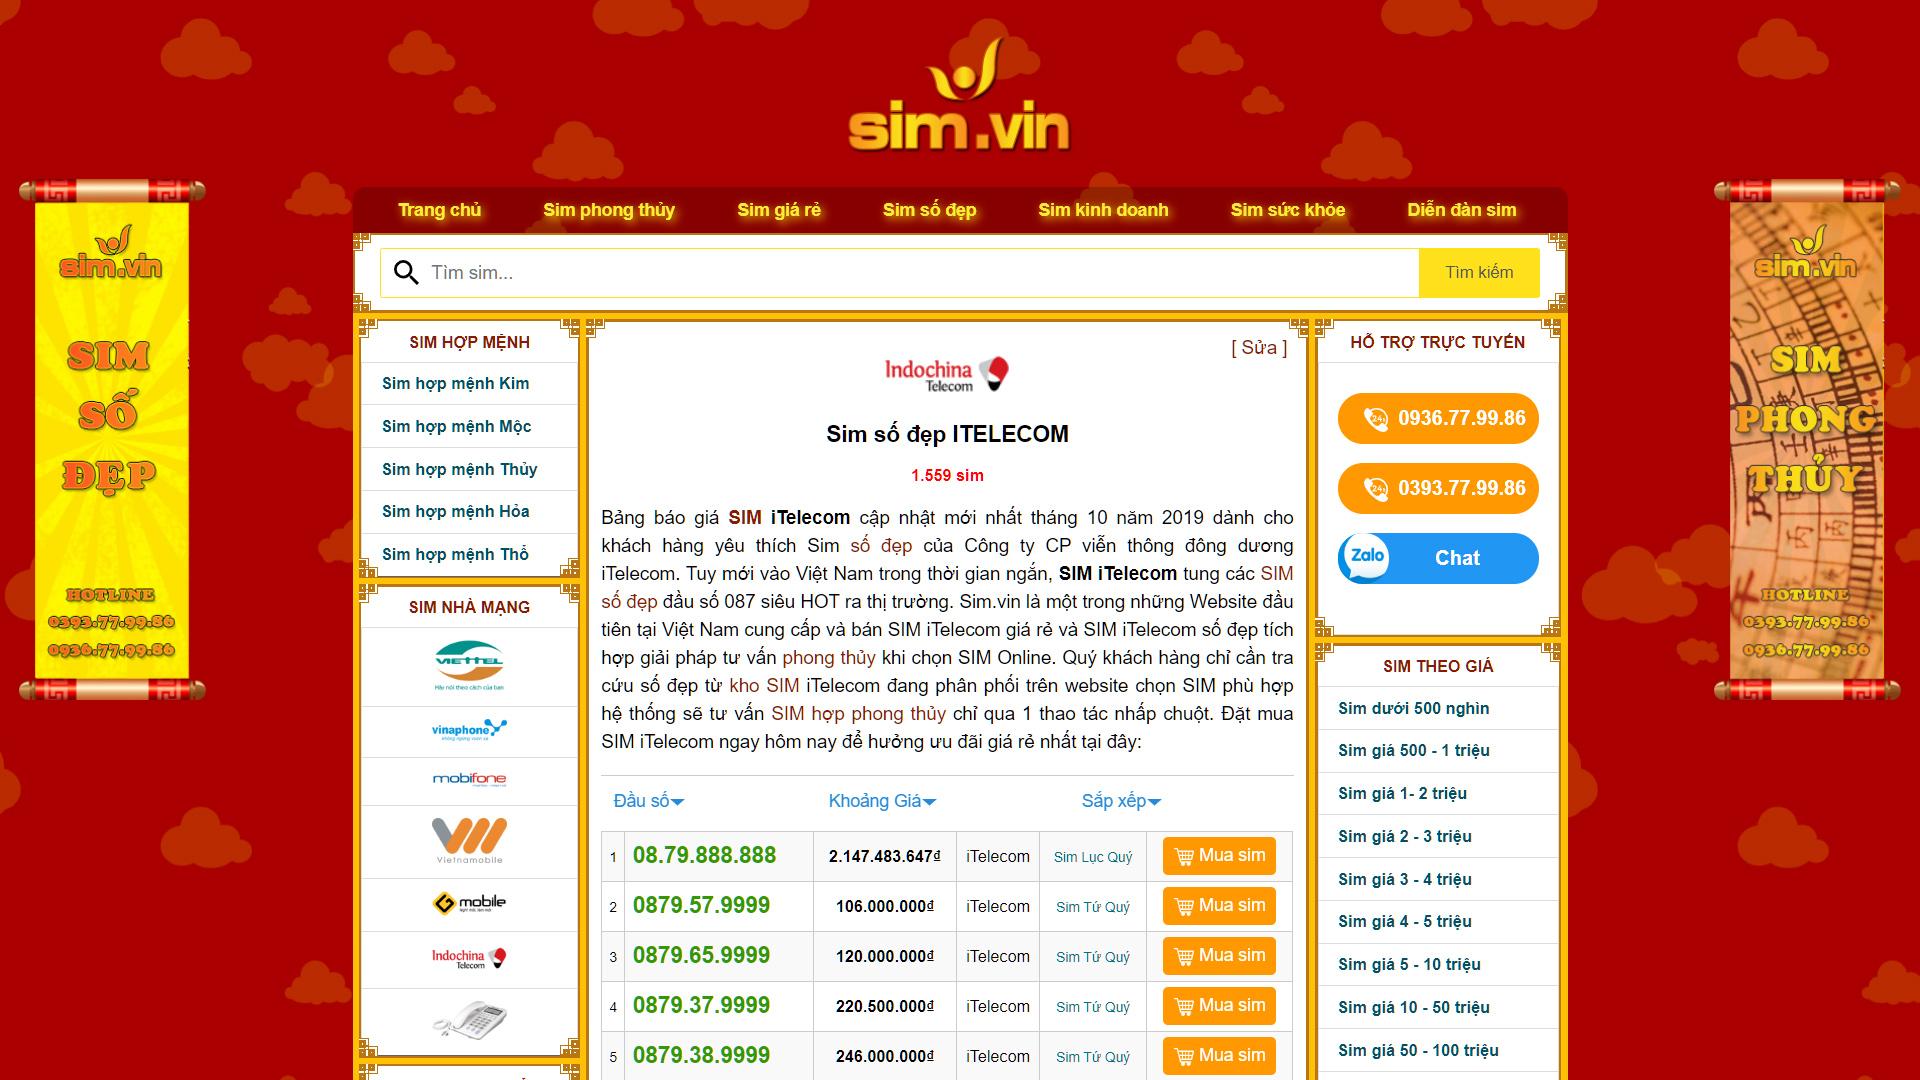 Sim.vin tuyển đại lý SIM số iTelecom tại Hà Nam, đăng ký ngay hôm nay để trở thành Đại Lý Sim Số lớn nhất tại Hà Nam của chúng tôi. Call ☎ 0936.77.99.86 #sim #iTelecom #dailySIm #Simdep